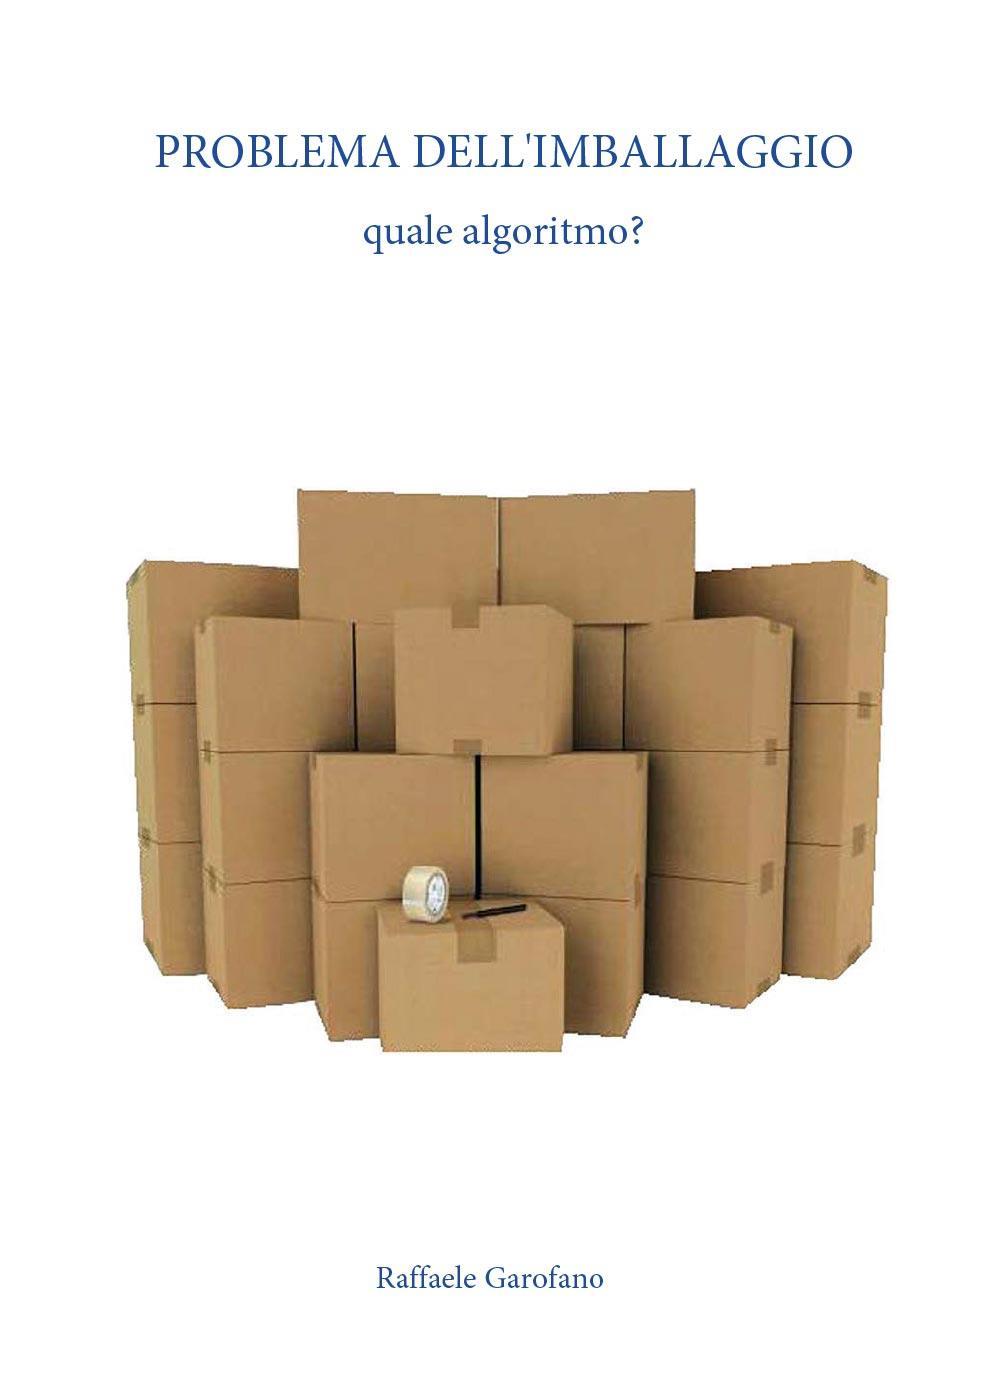 Problema dell'imballaggio: quale algoritmo?